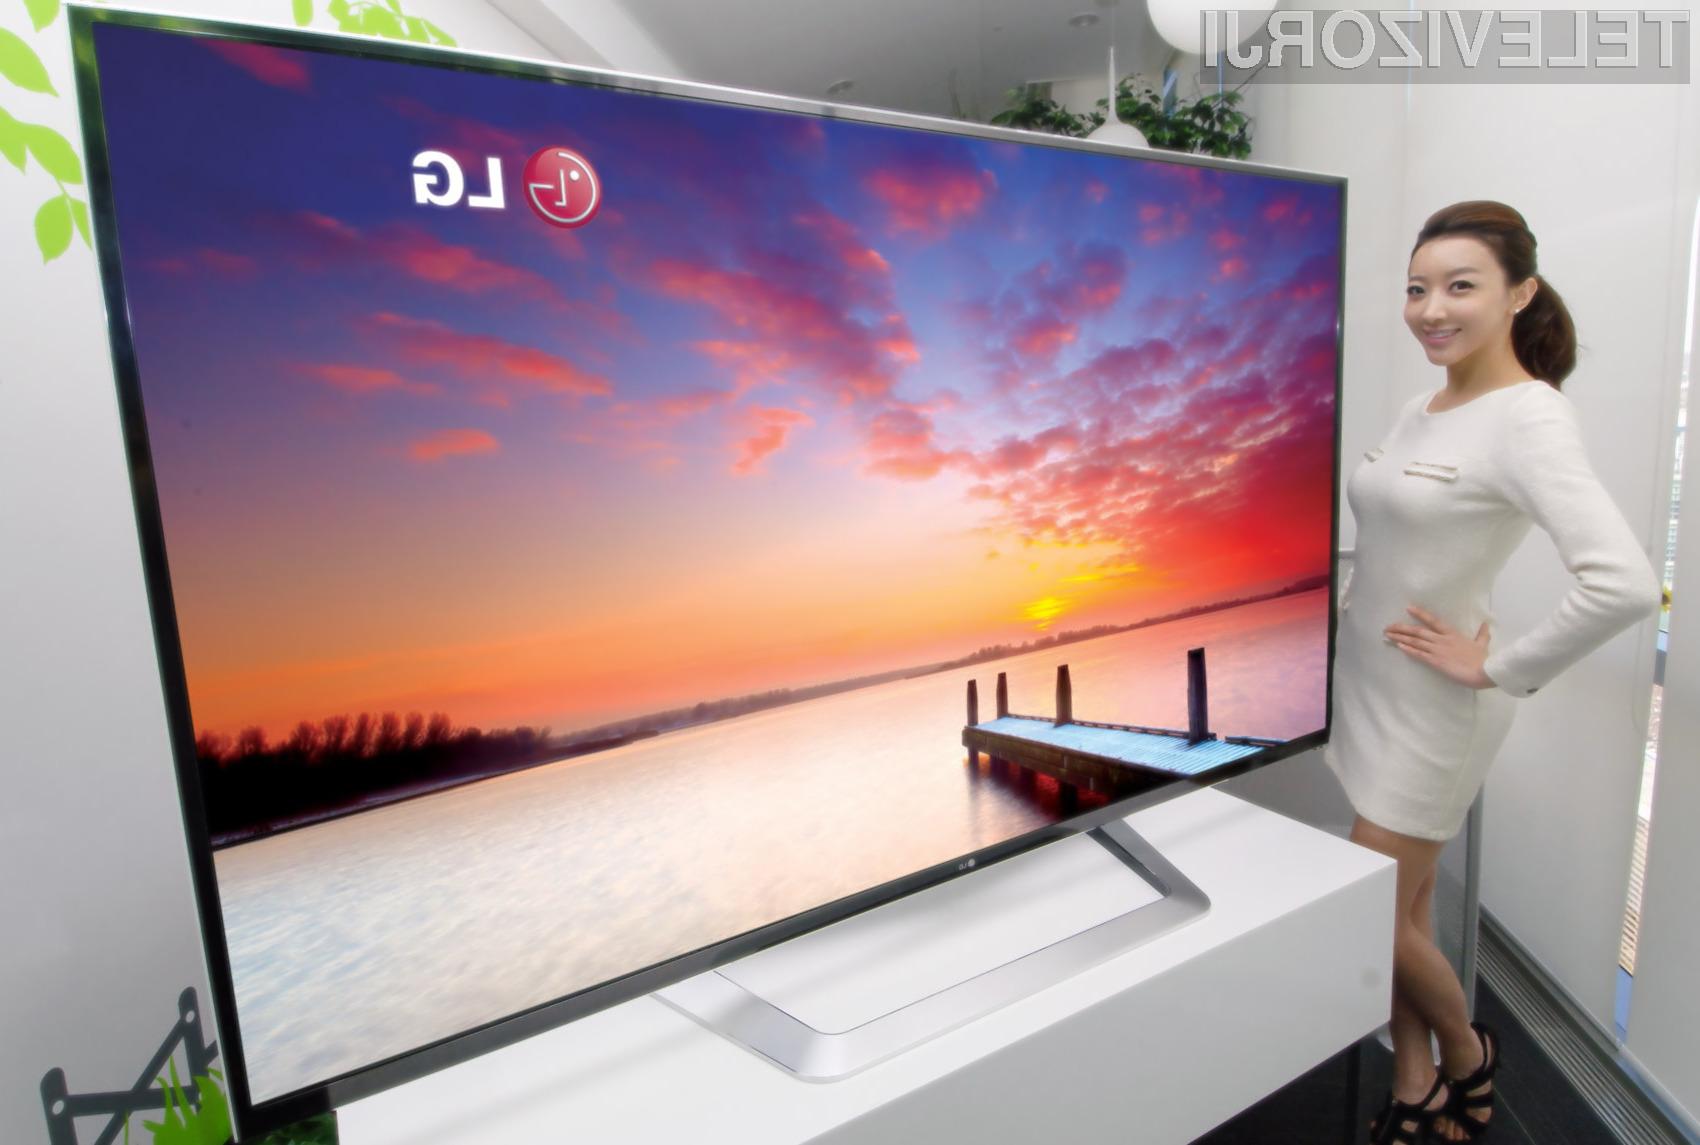 Pri podjetju LG Electronics so prepričani, da bi lahko televizor 8K ponudili v prodajo že prihodnje leto.